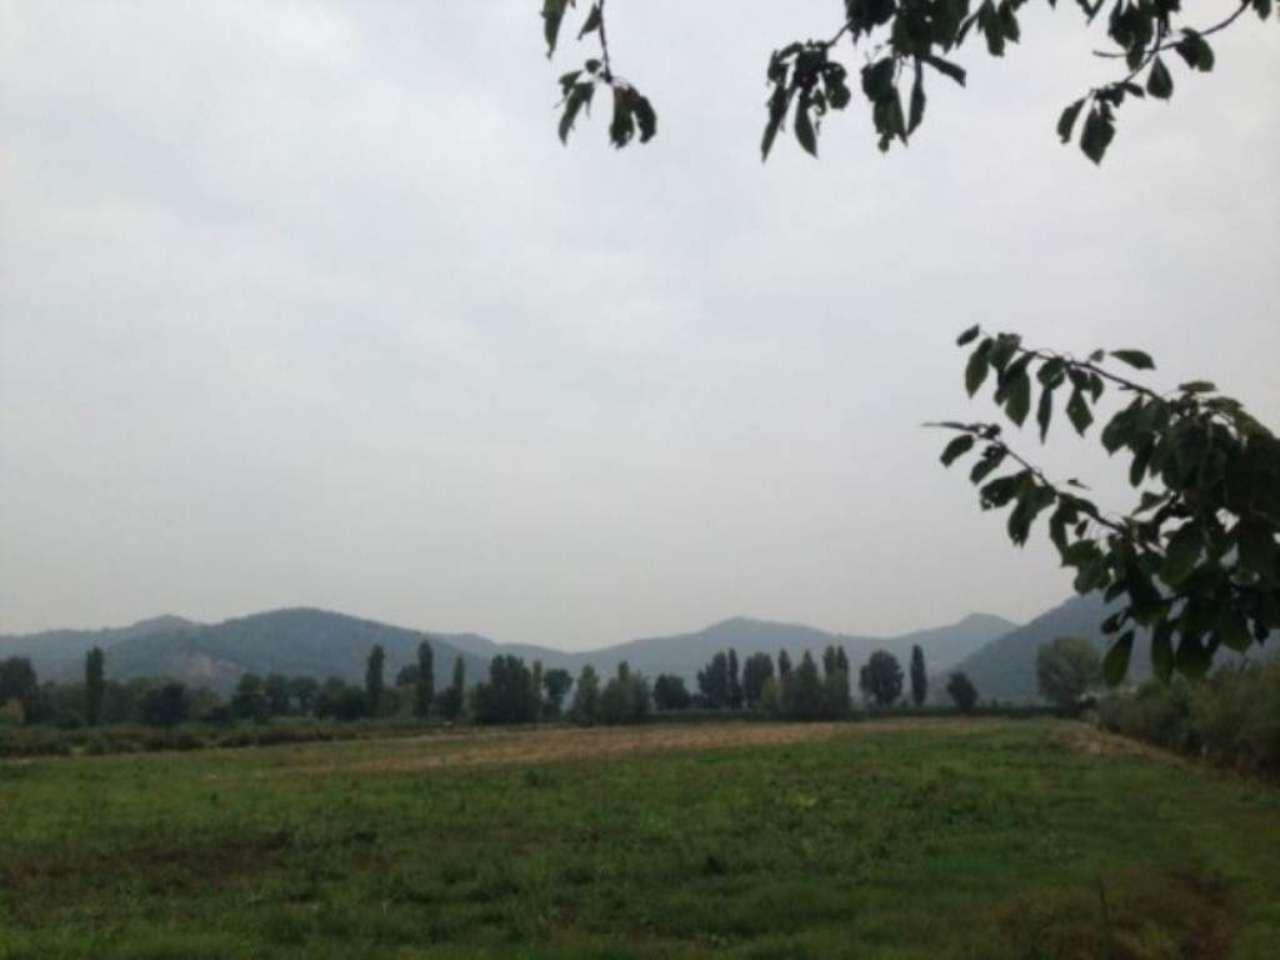 Terreno Agricolo in vendita a Galzignano Terme, 9999 locali, prezzo € 180.000 | Cambio Casa.it